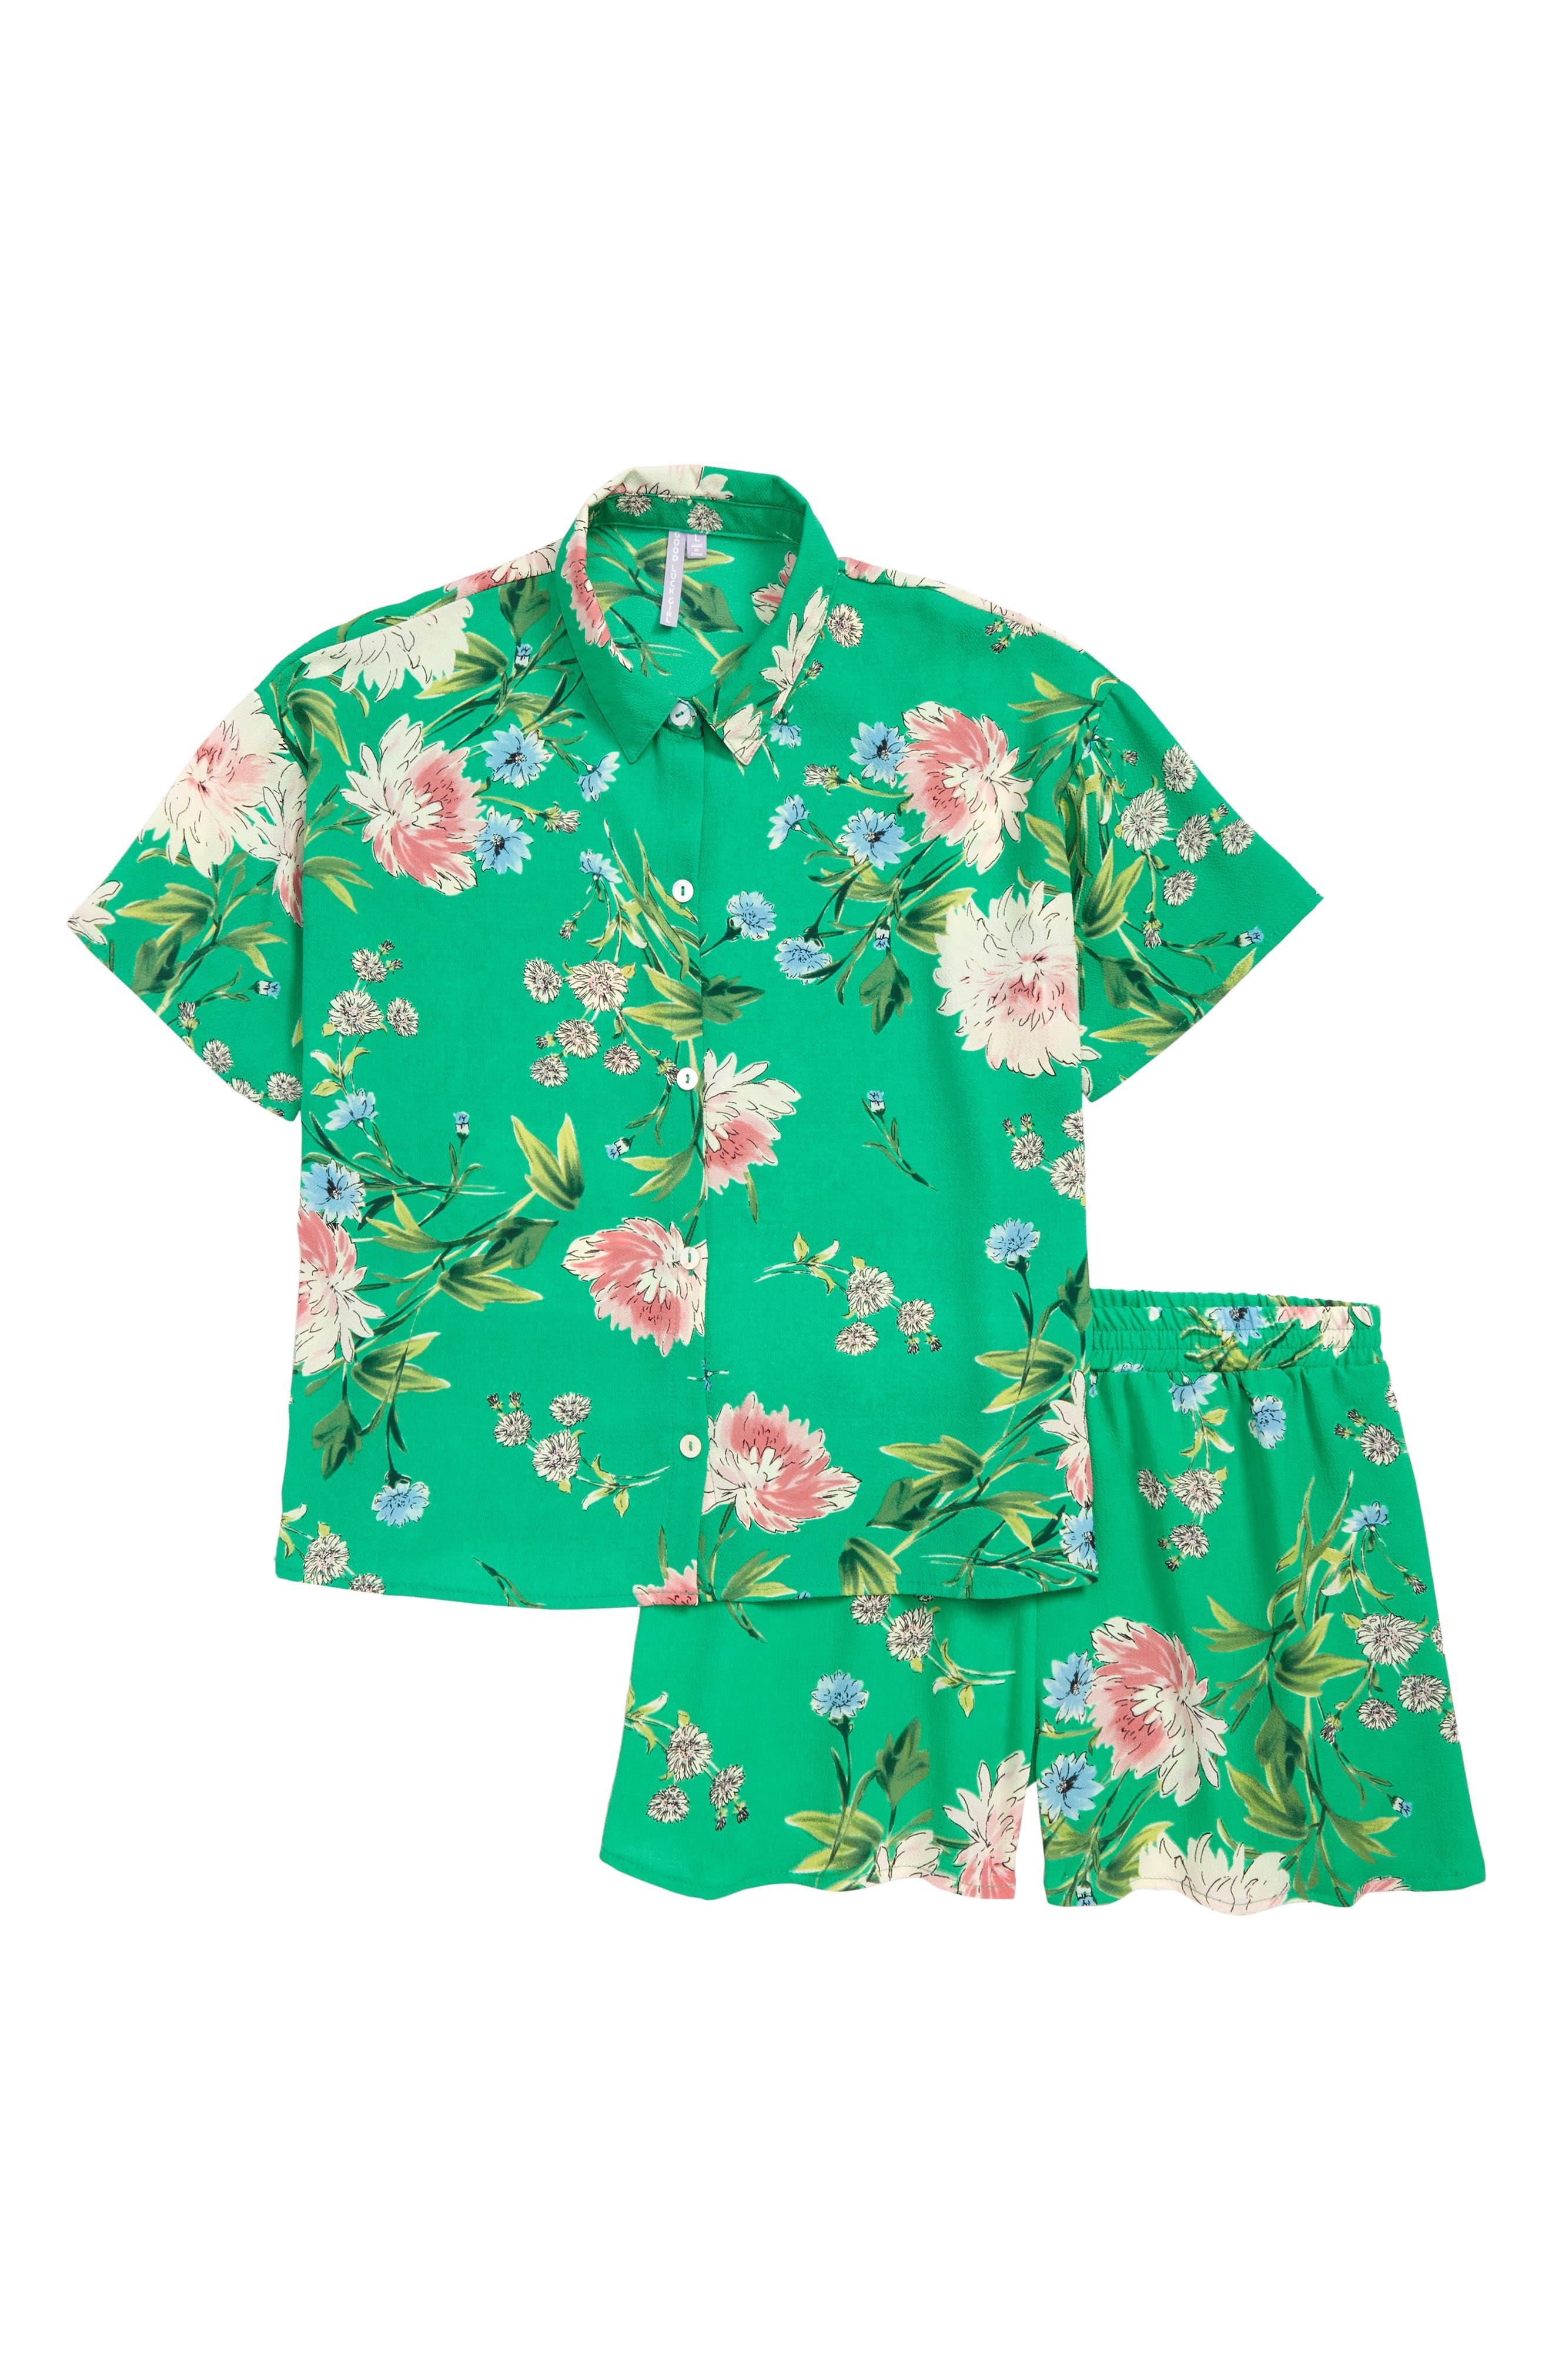 Girls Good Luck Girl Camp Shirt  Shorts Set